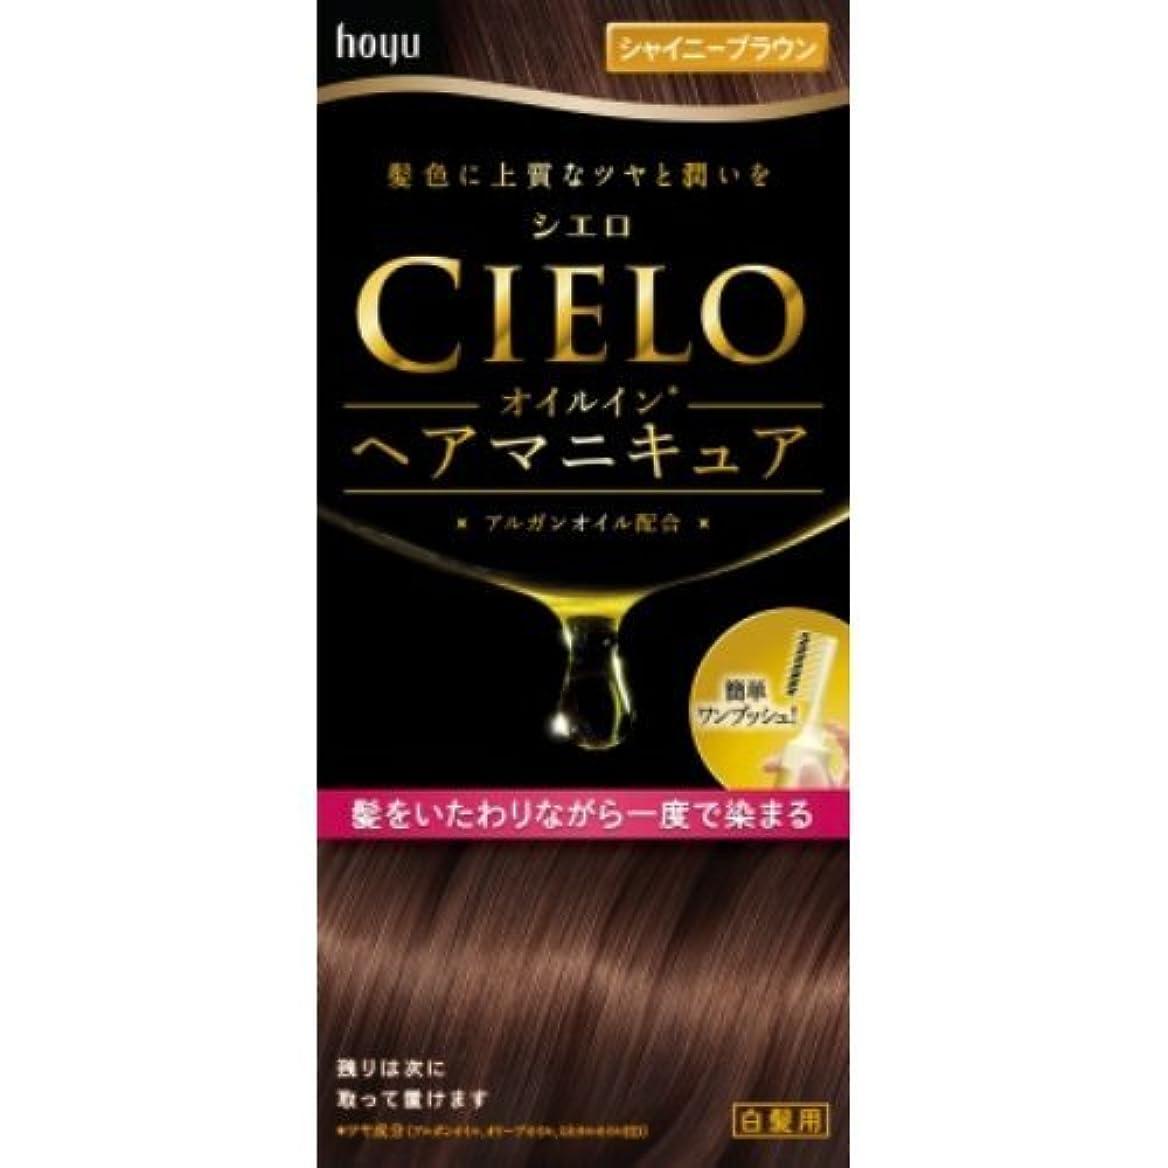 暗くする強風不確実シエロ オイルインヘアマニキュア シャイニーブラウン × 5個セット